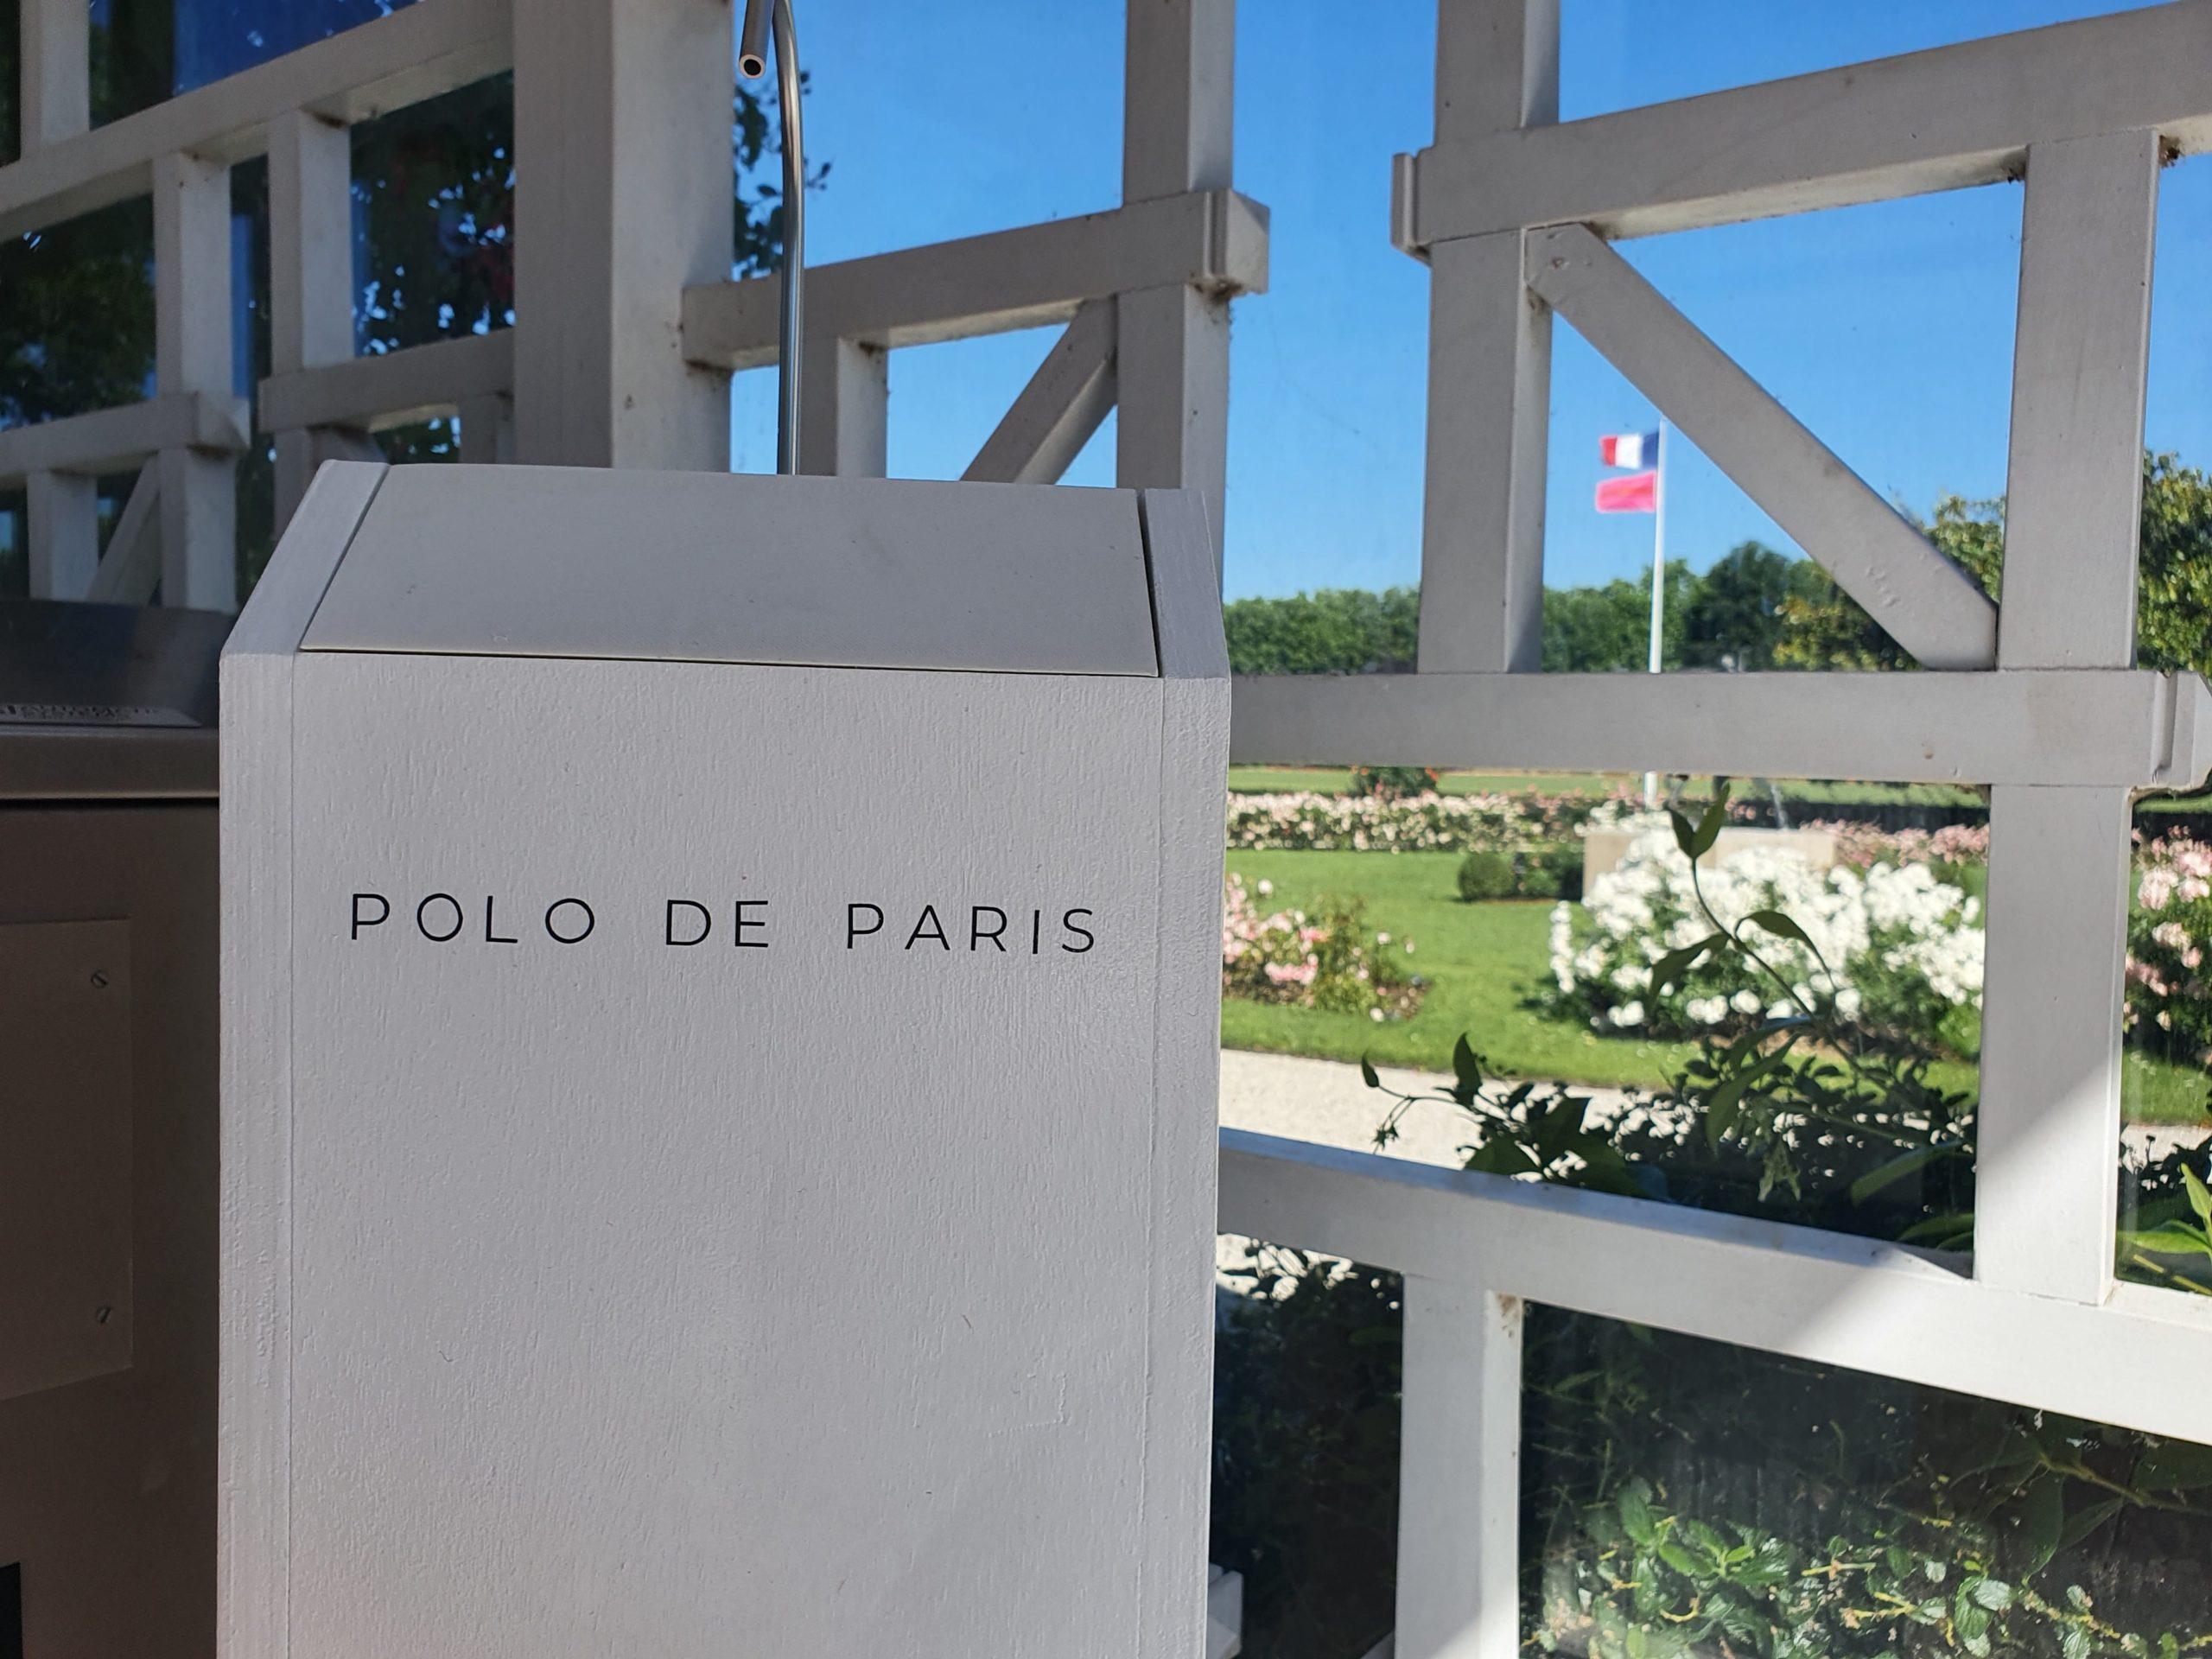 Gégé distributeur totem de gel hydroalcoolique en bois grande capacité 5L sans contact et autonome entrée Polo de Paris